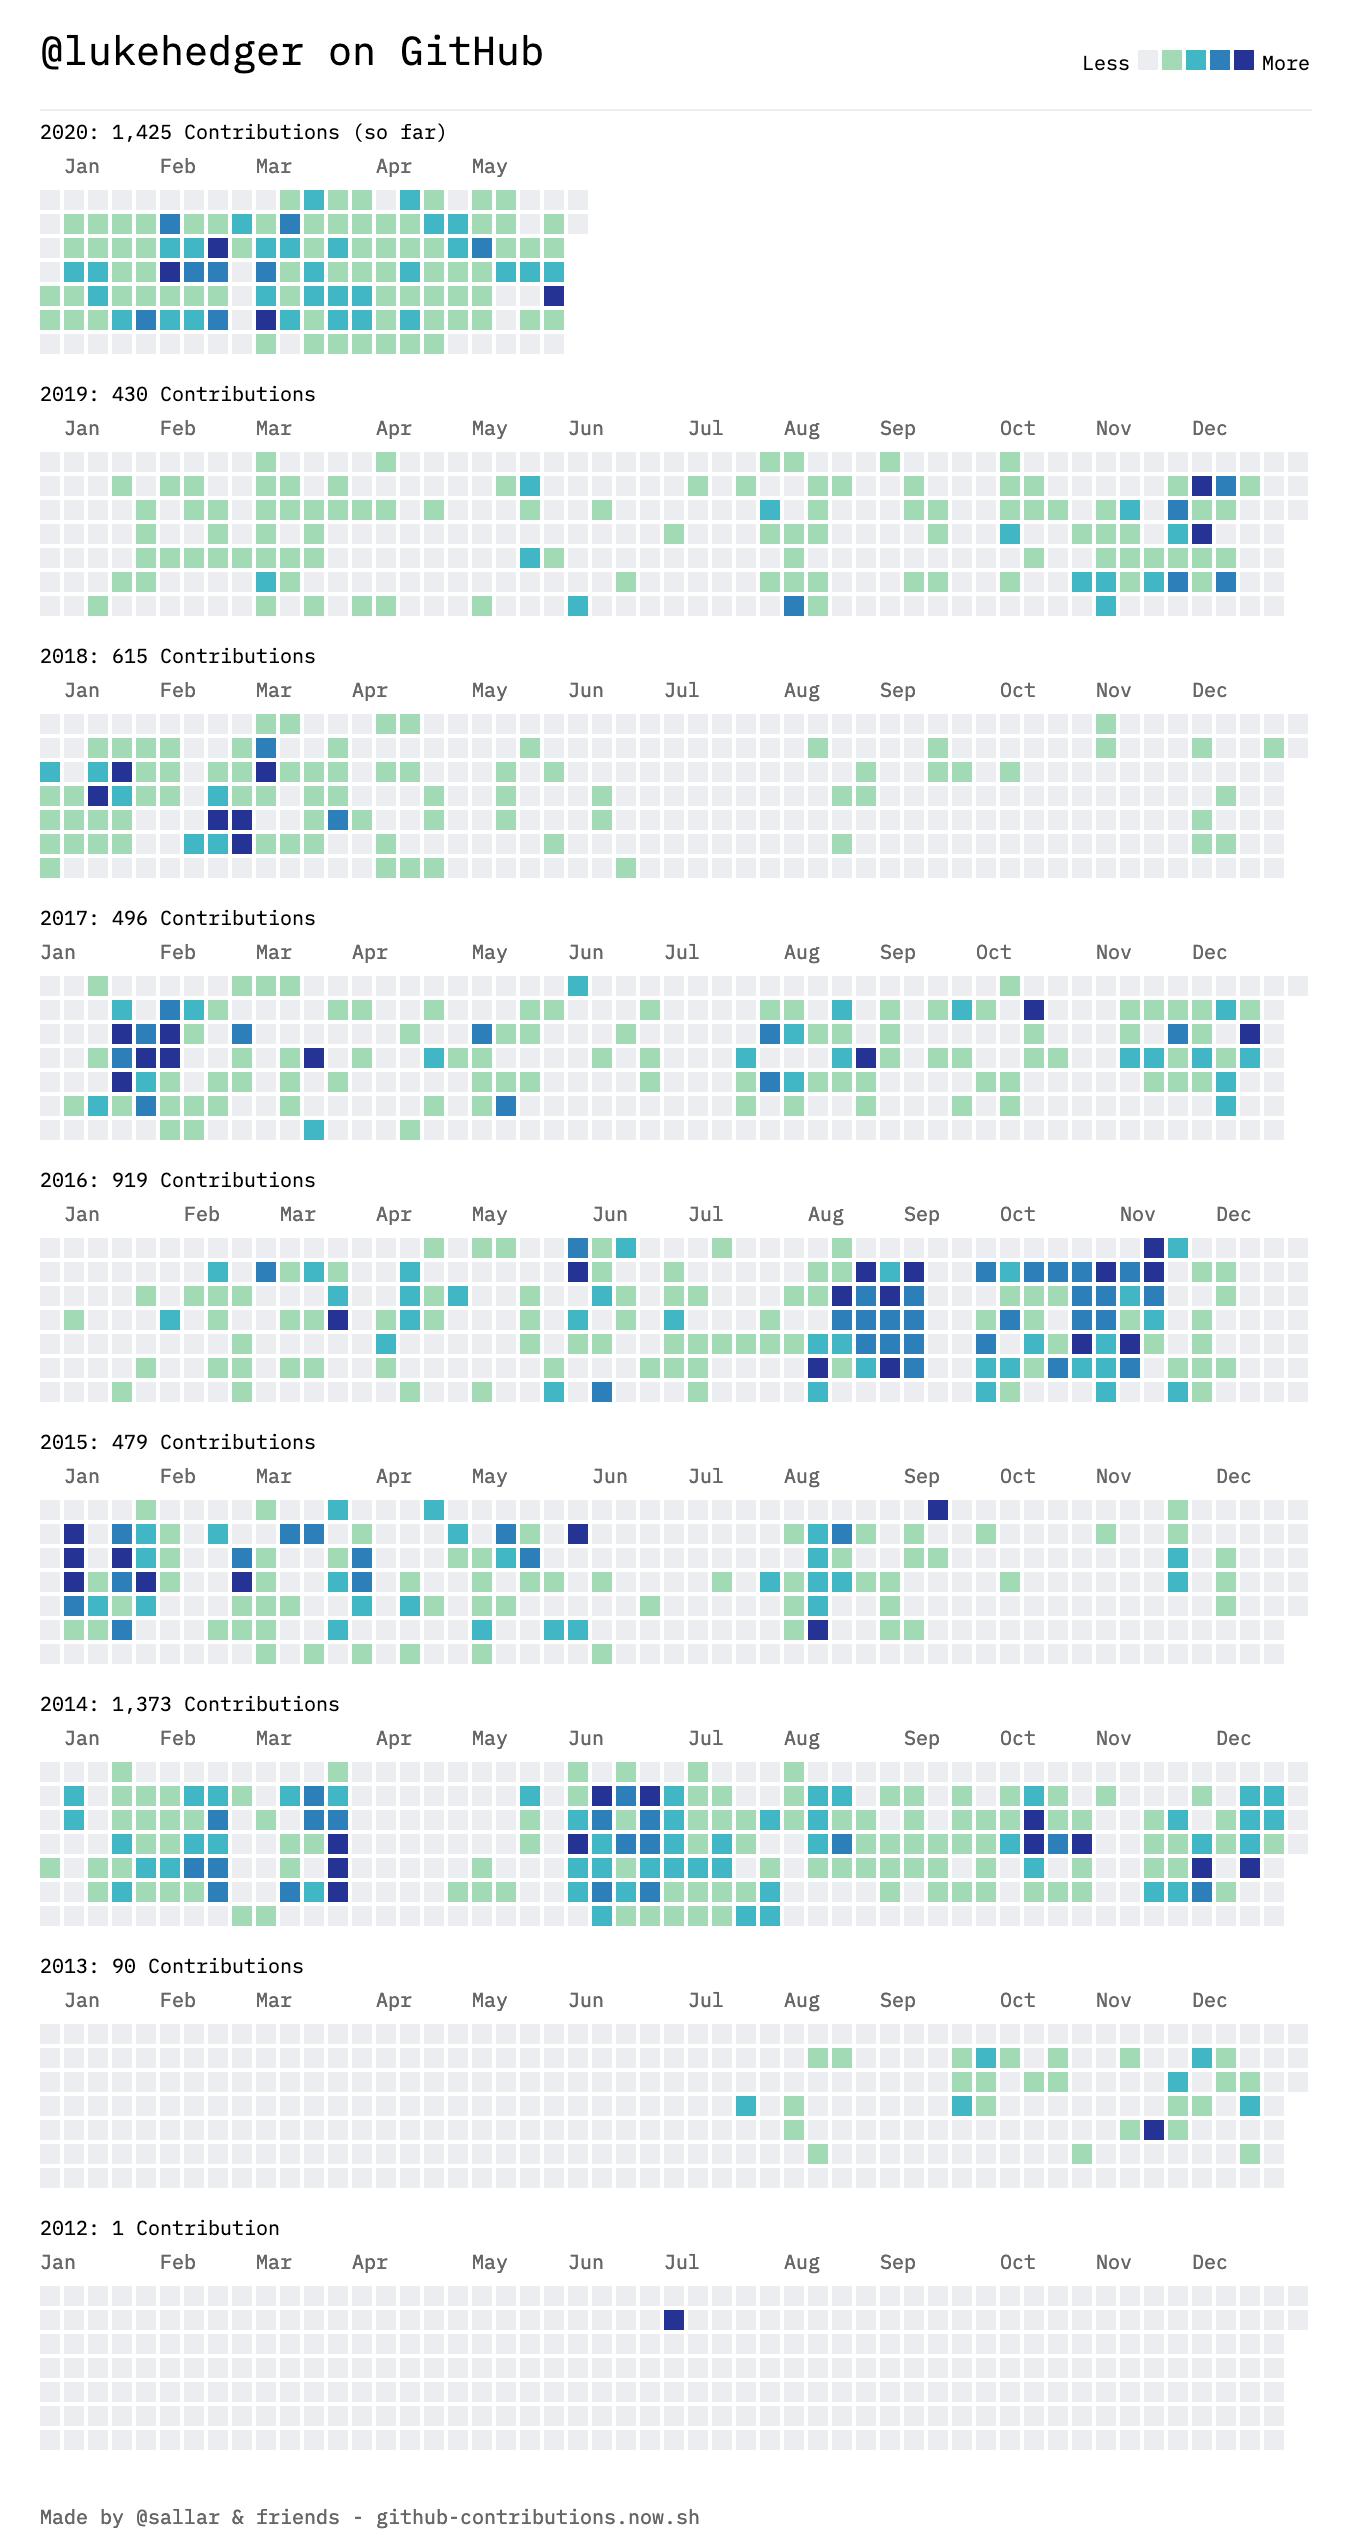 GitHub contributions 2012-2020